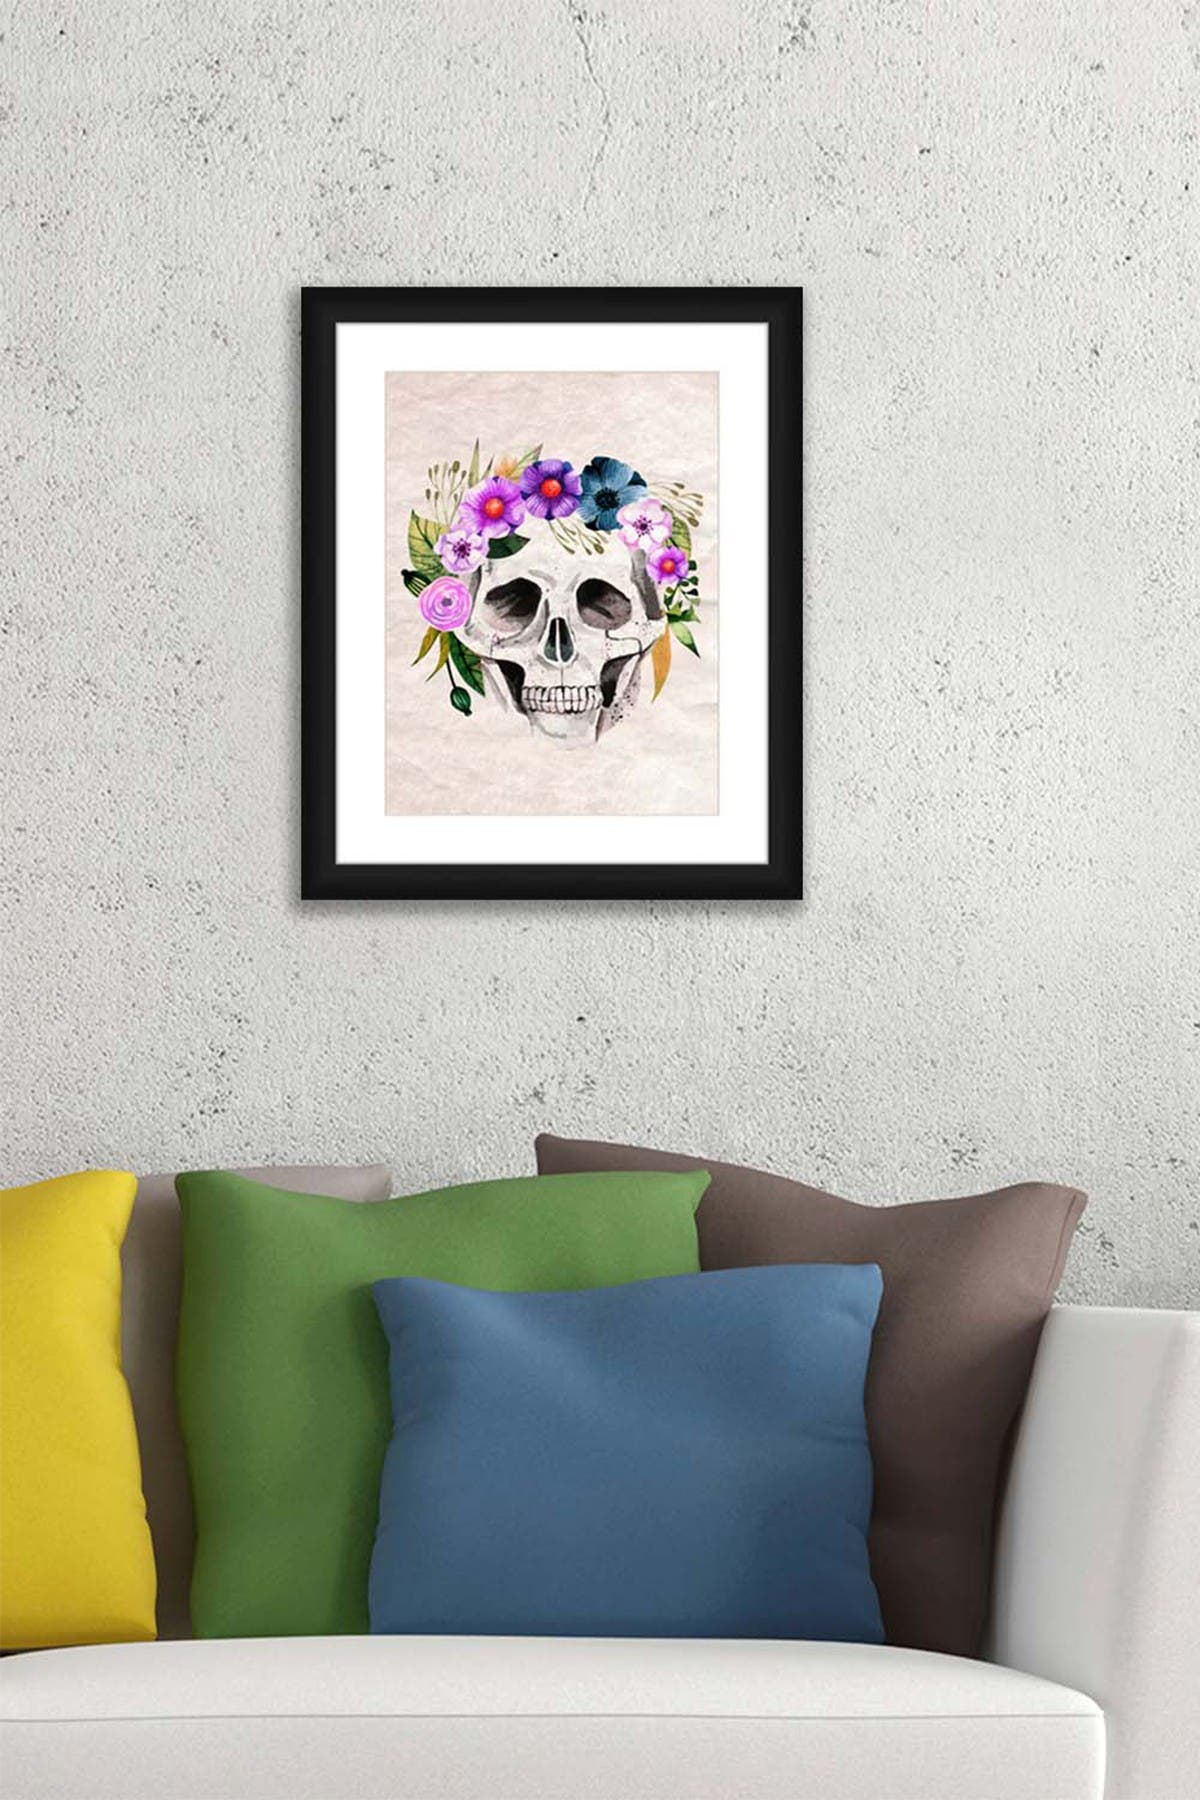 PTM Images Skeleton Crown Framed Matted Giclee Print